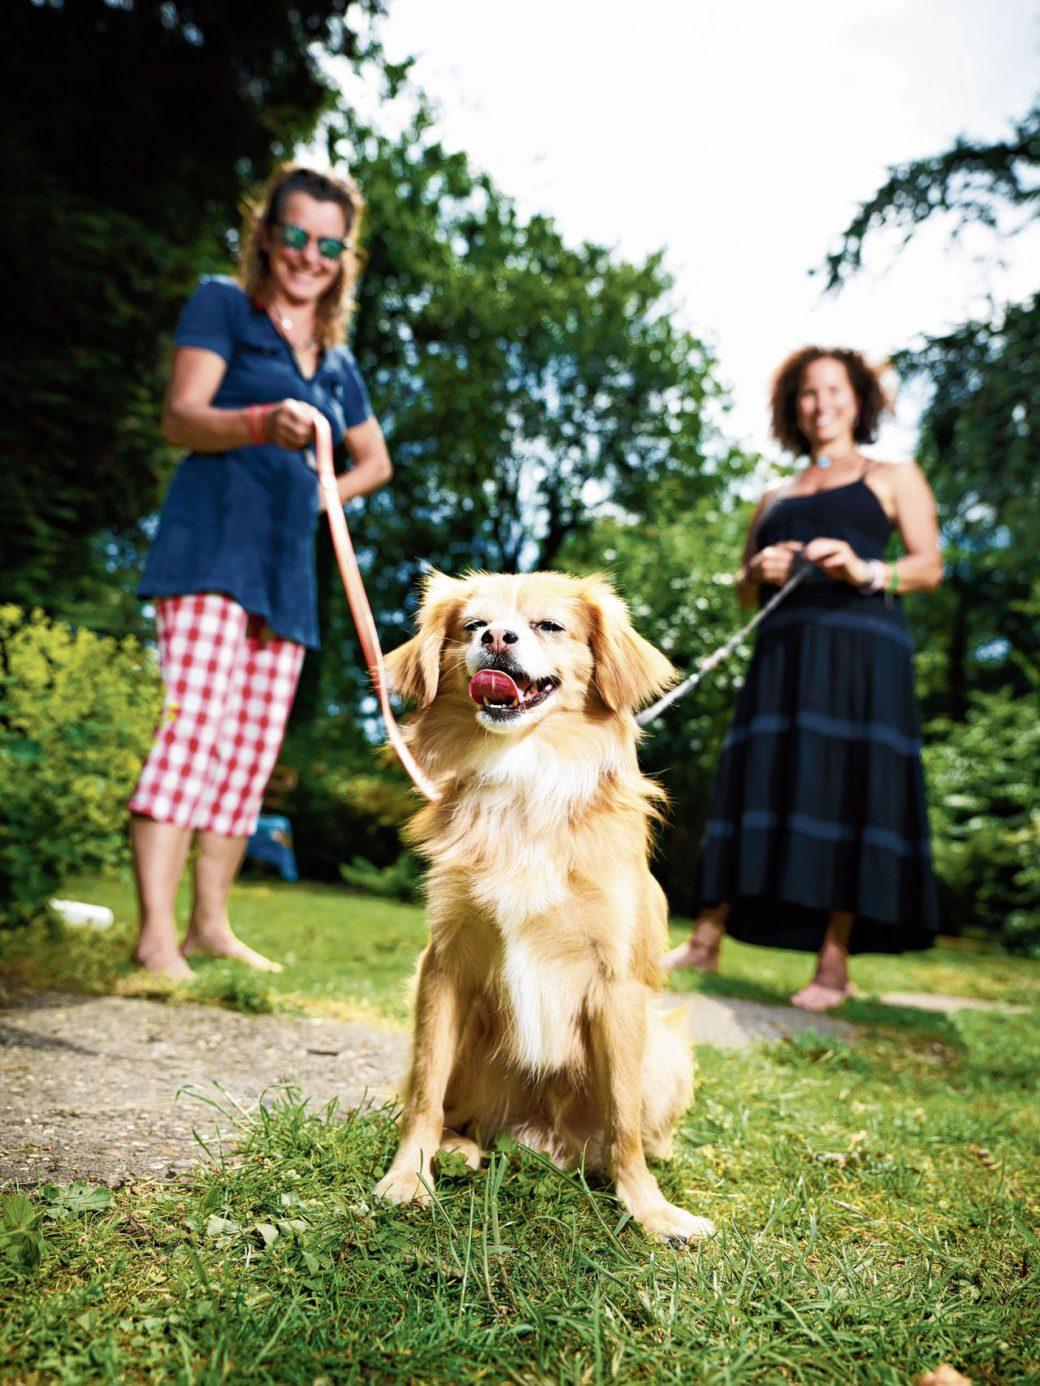 Mayra Figueroa (49) (links), Else Zwart (54) en hondBailey (4)uit Amsterdam.Foto's Merlijn Doomernik